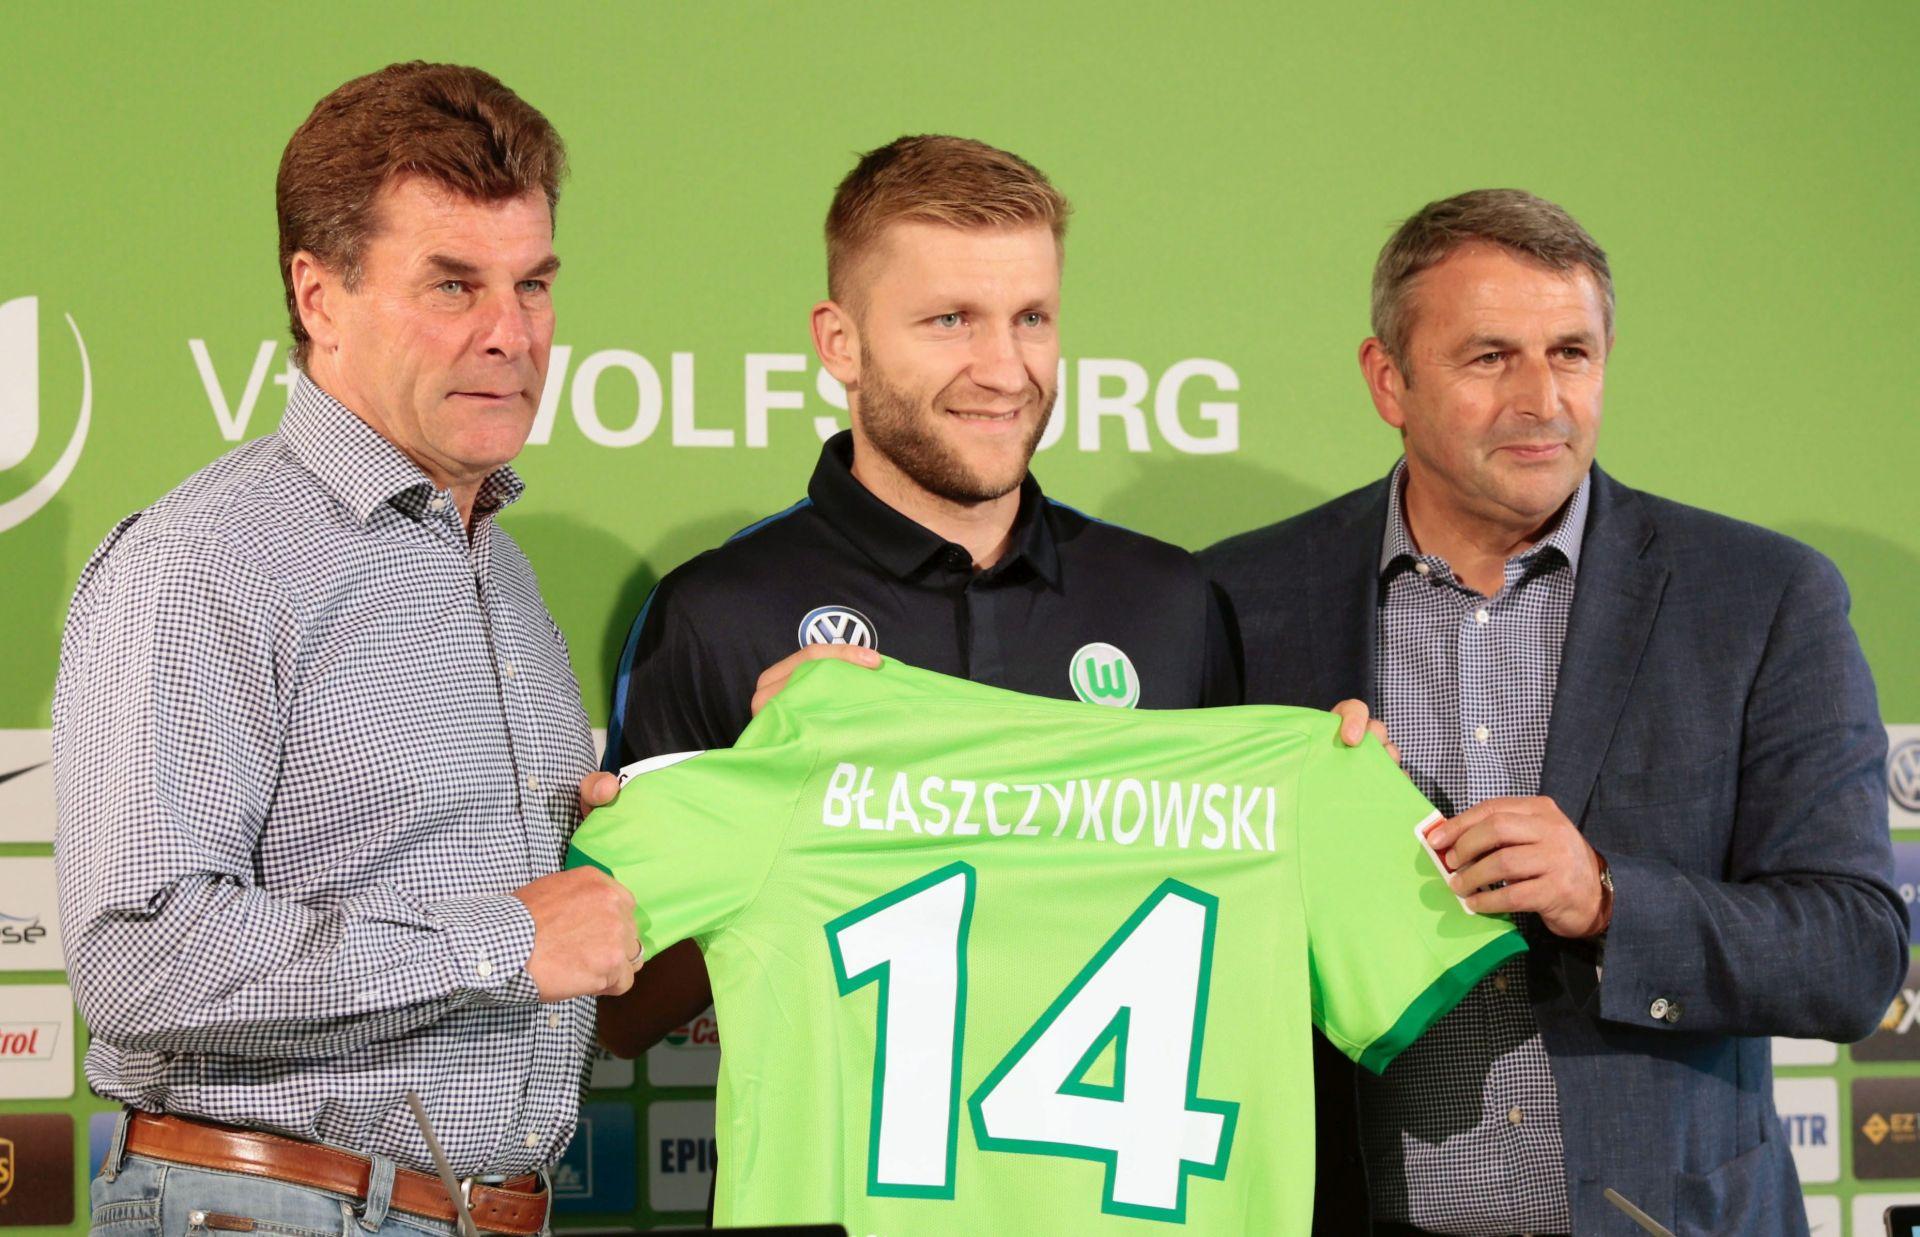 POTPISAN UGOVOR: Blaszczykowski tri godine u Wolfsburgu